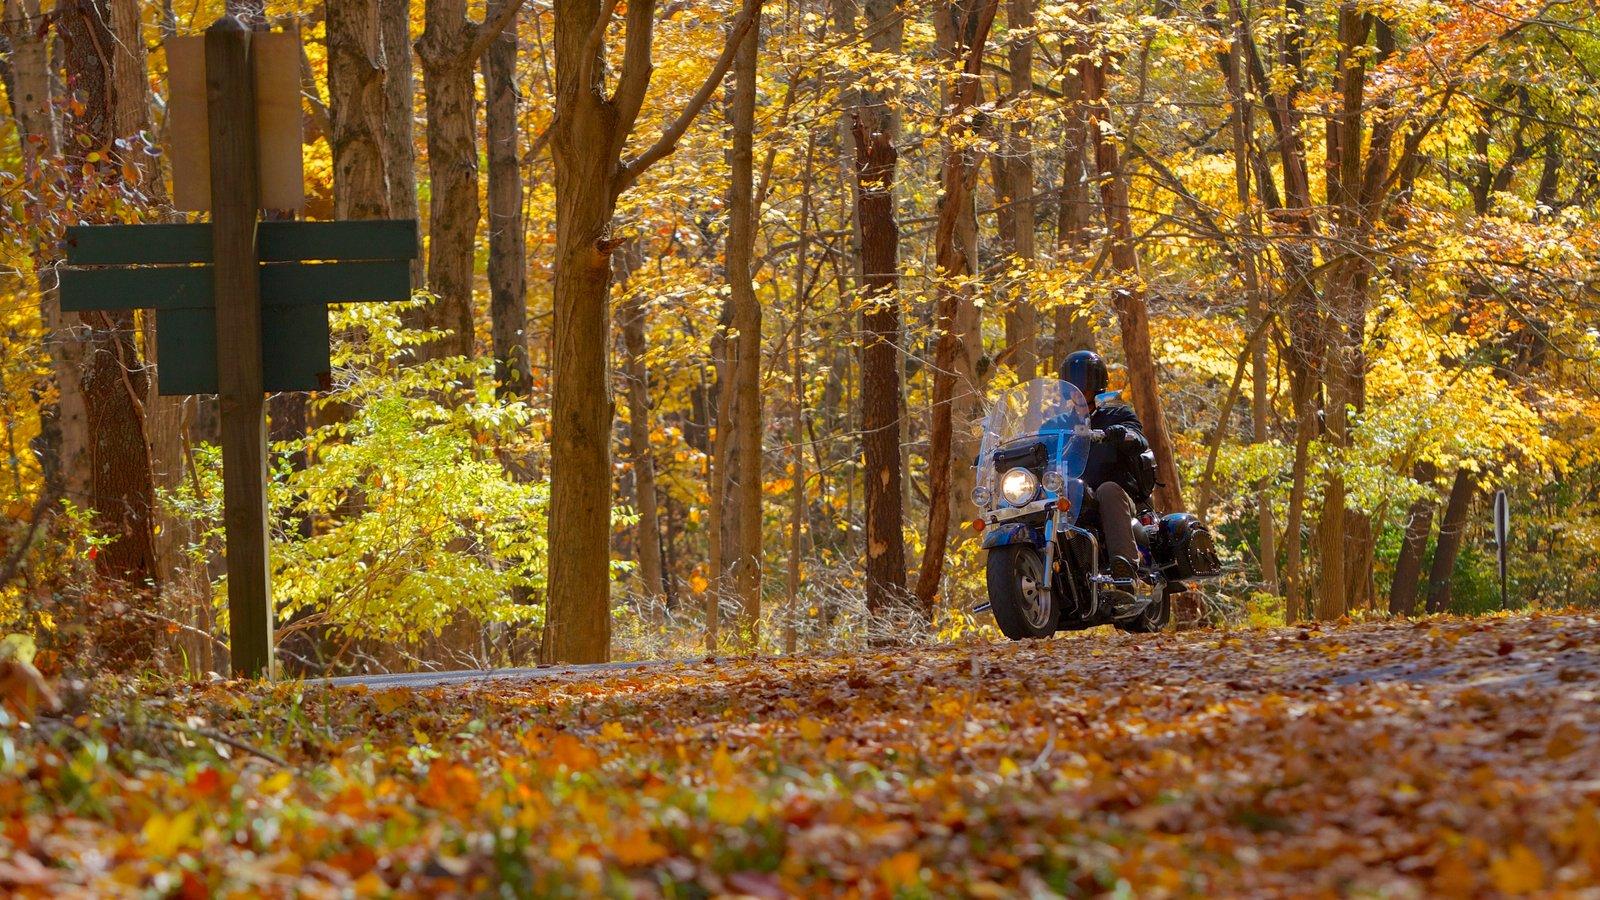 Eagle Creek Park mostrando bosques, paseos en moto y vistas de paisajes